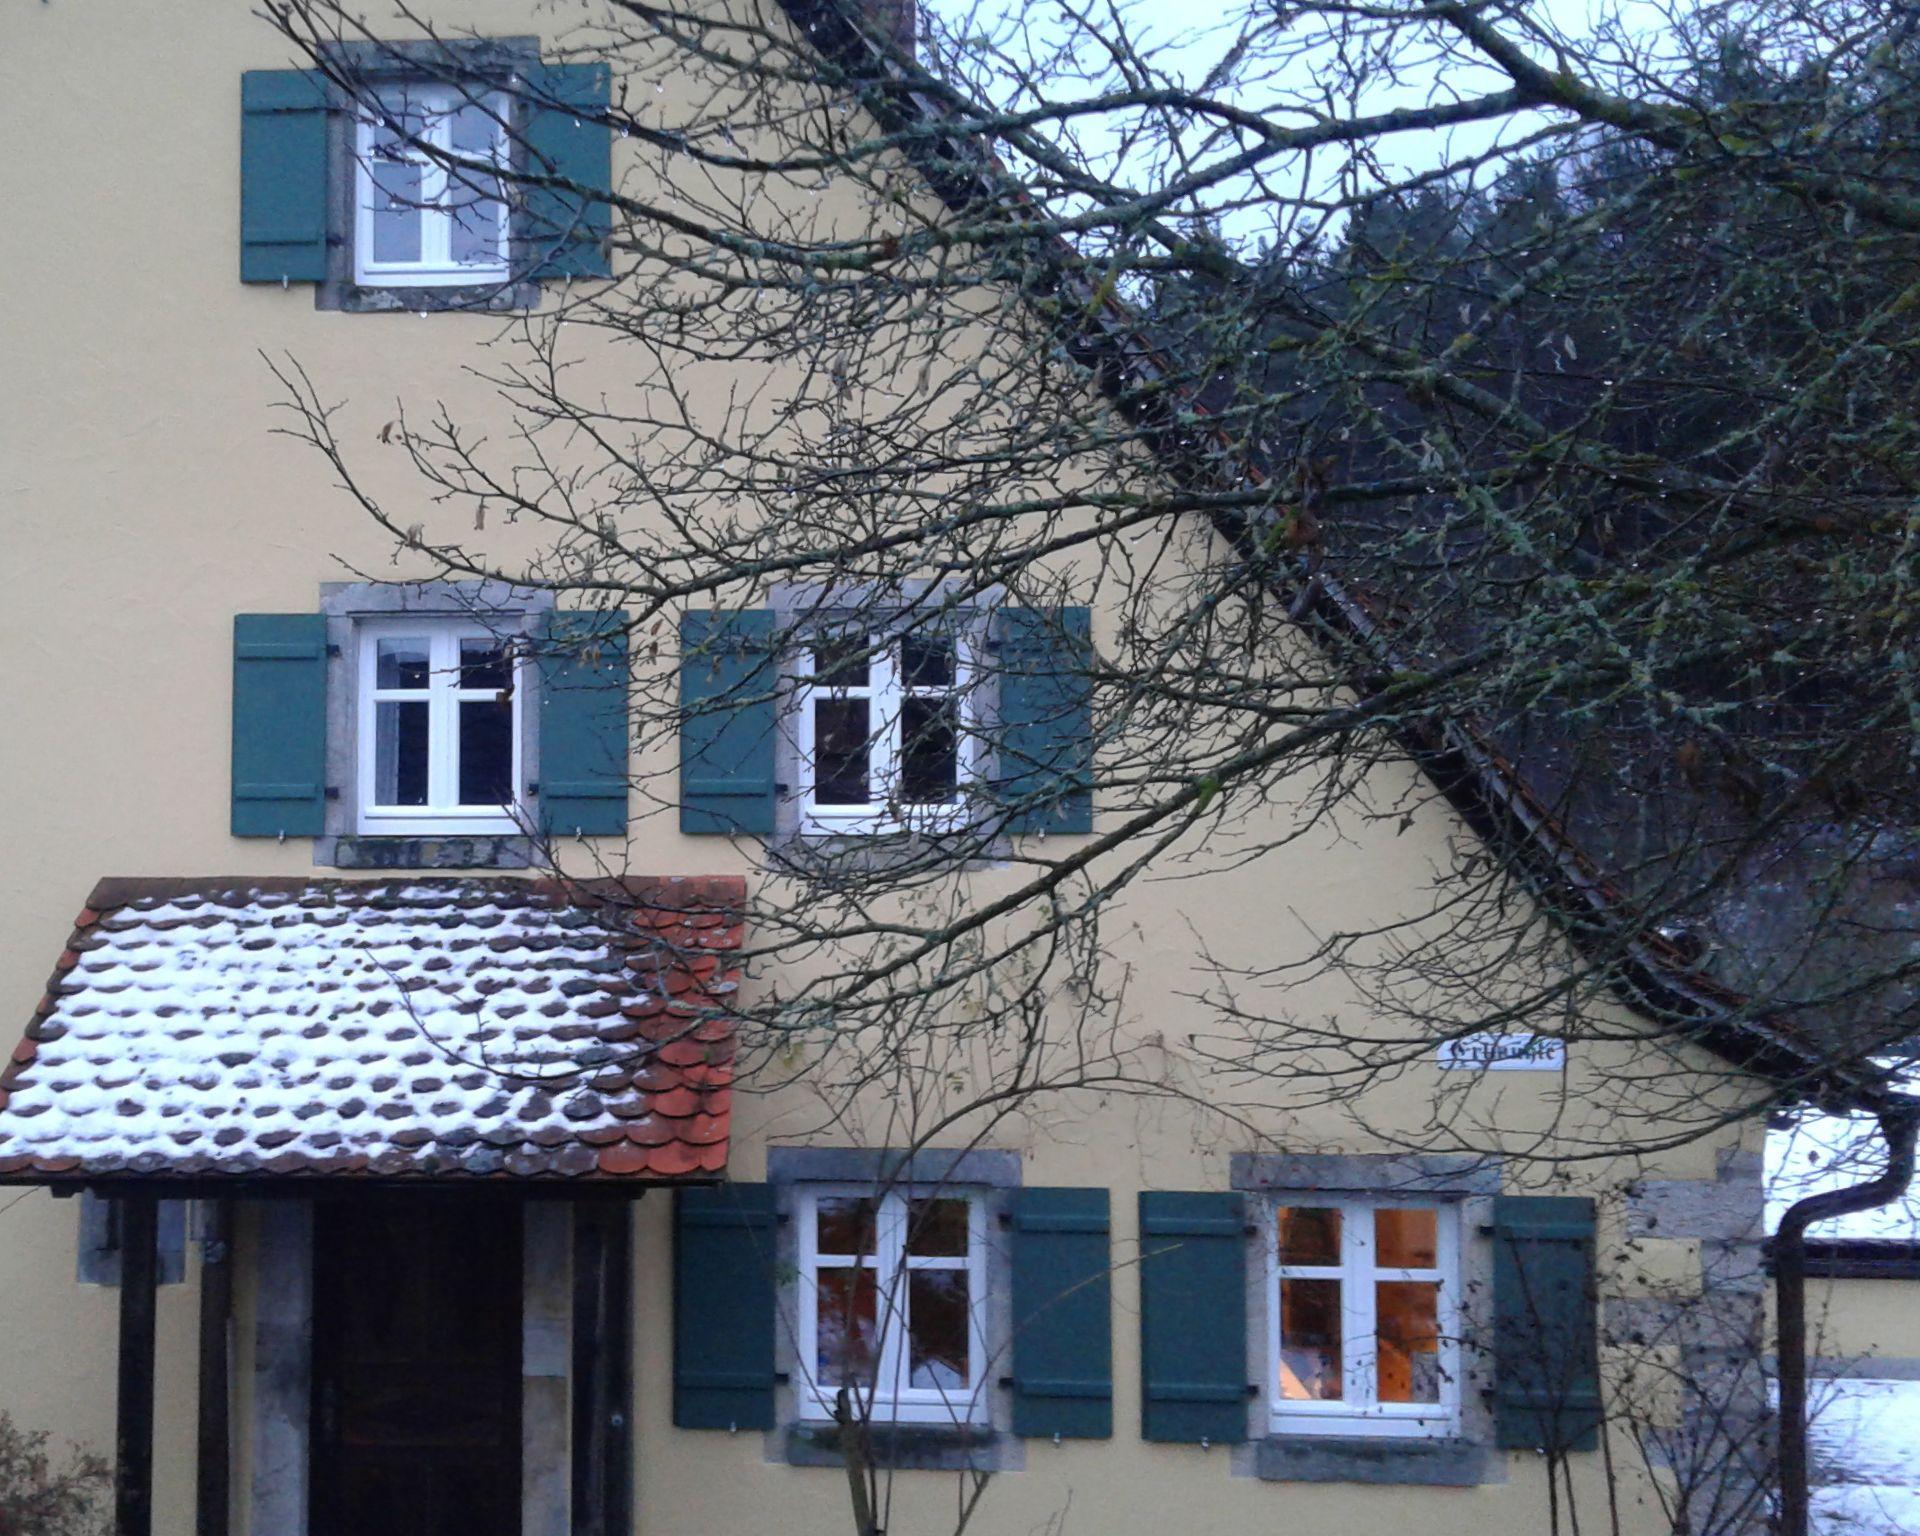 Fensterläden aus Fichte mit Akazienholzriegeln. Die Fensterläden wurden mit Owatrol gestrichen. Die Originalbeschläge wurden aufgearbeitet und wieder verwendet.